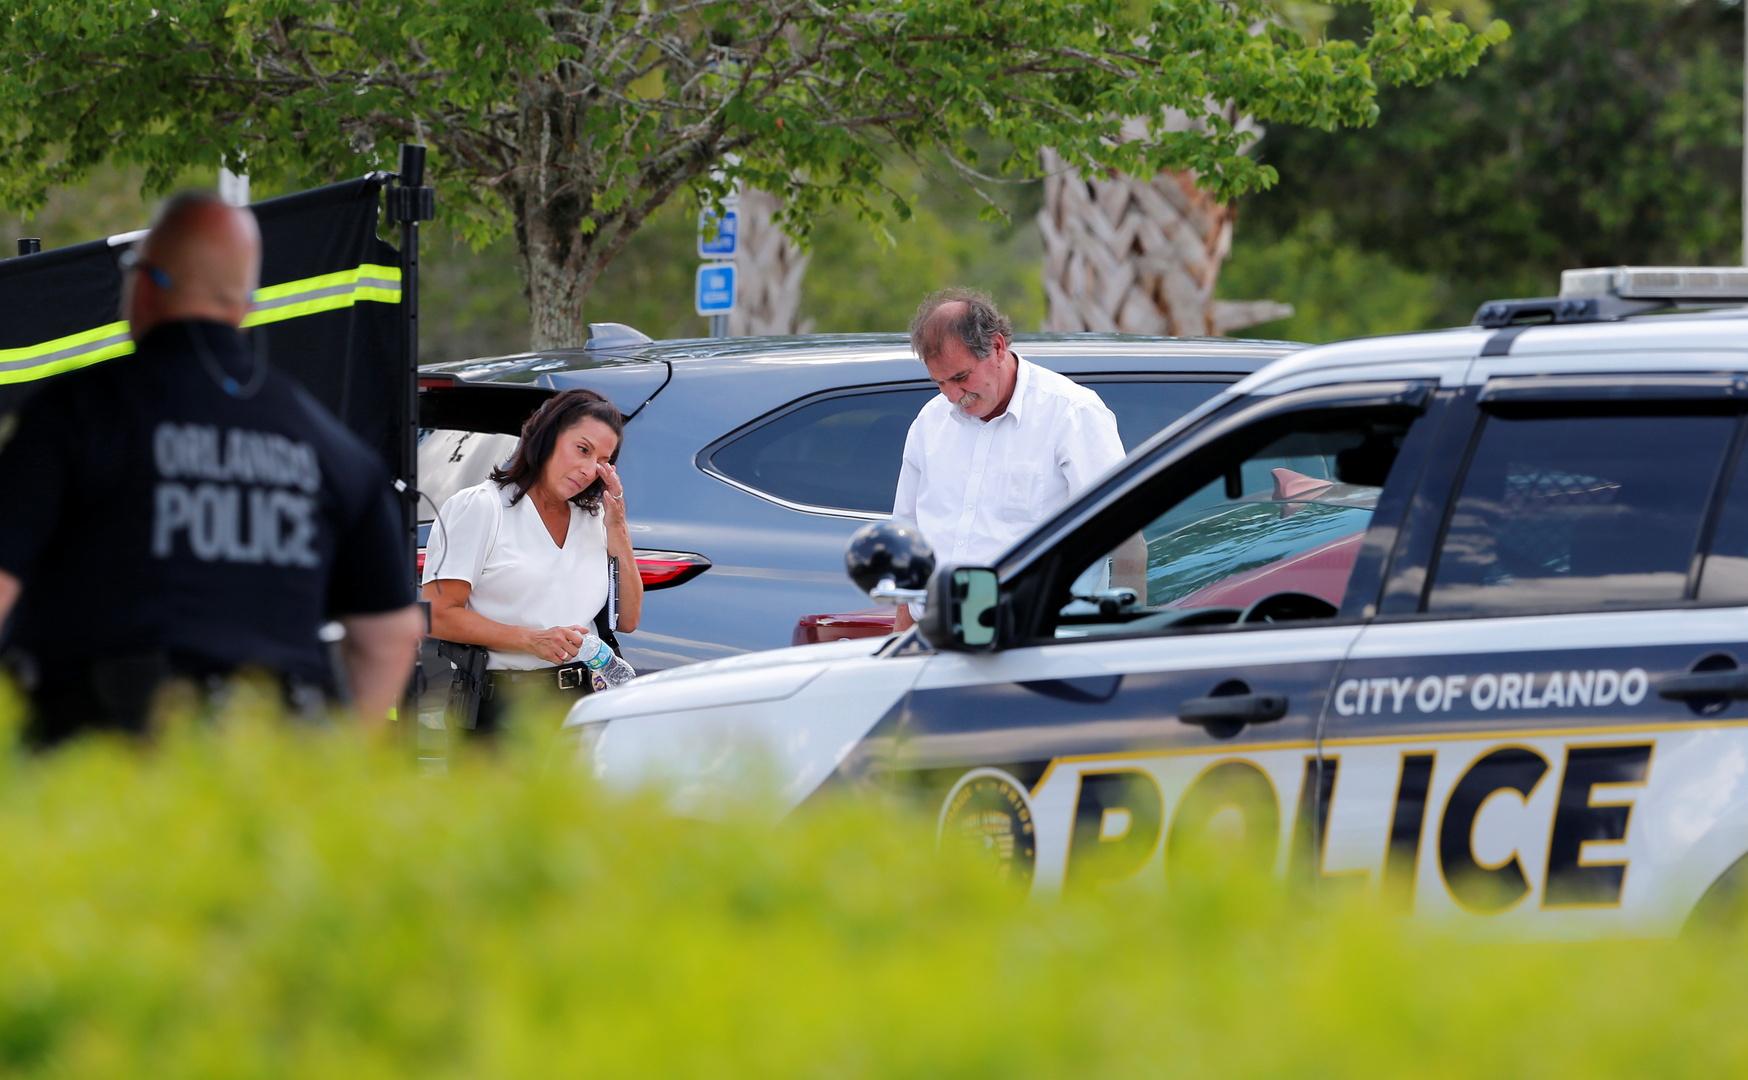 مقتل شرطي وإصابة ثلاثة بإطلاق نار في تكساس